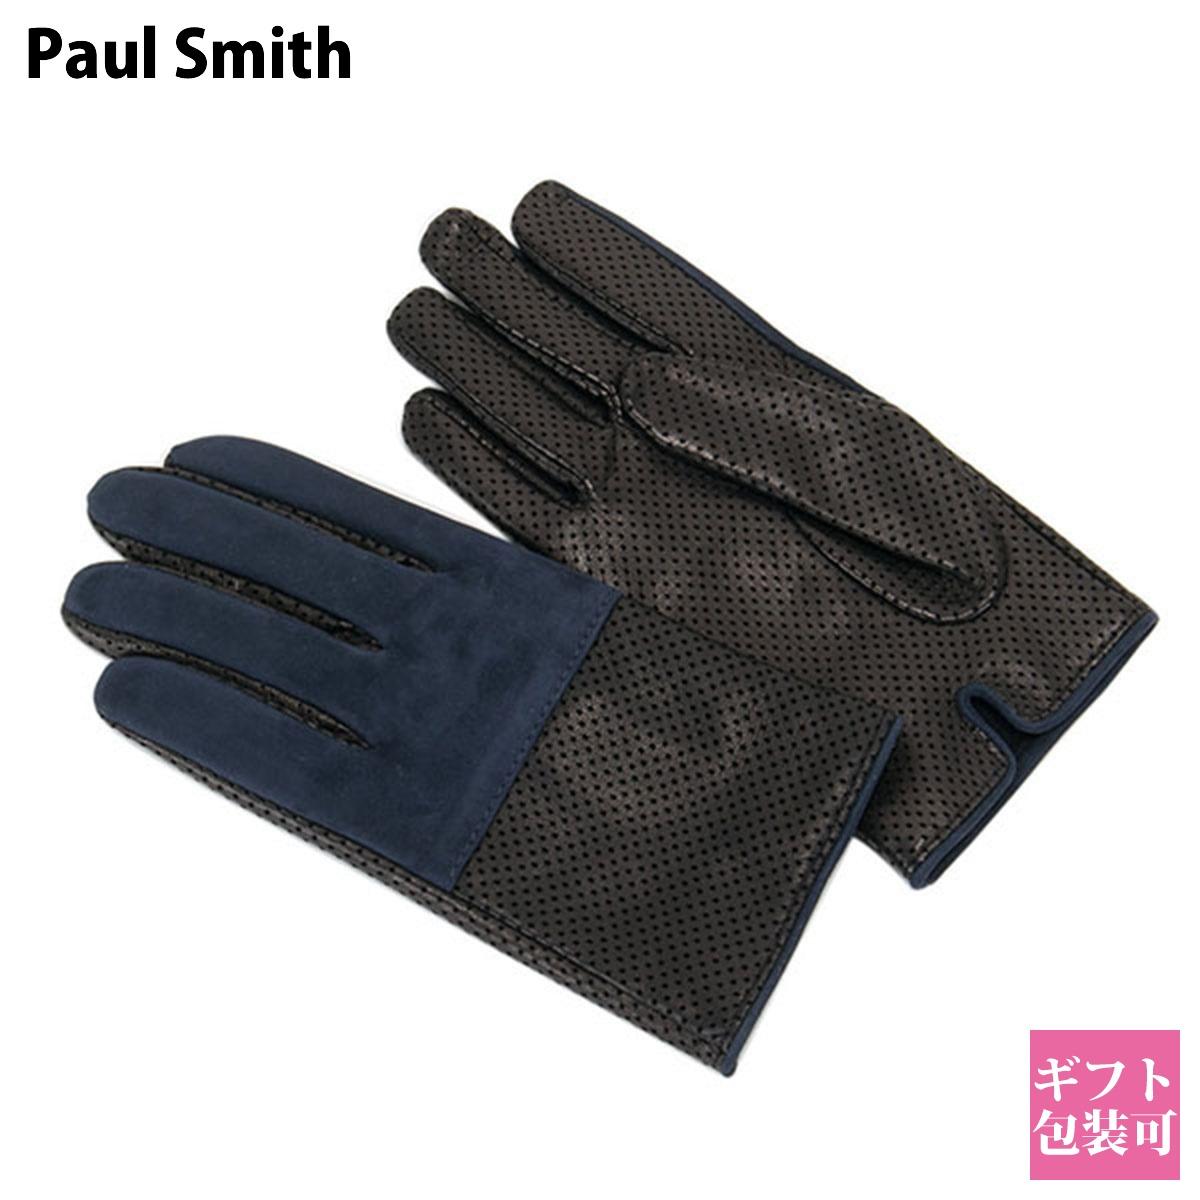 ポールスミス Paul Smith グローブ メンズ 手袋 ブラック ARXD 199D G145 N 正規品 シンプル ブランド 新品 新作 2020年 ギフト ホワイトデー プレゼント